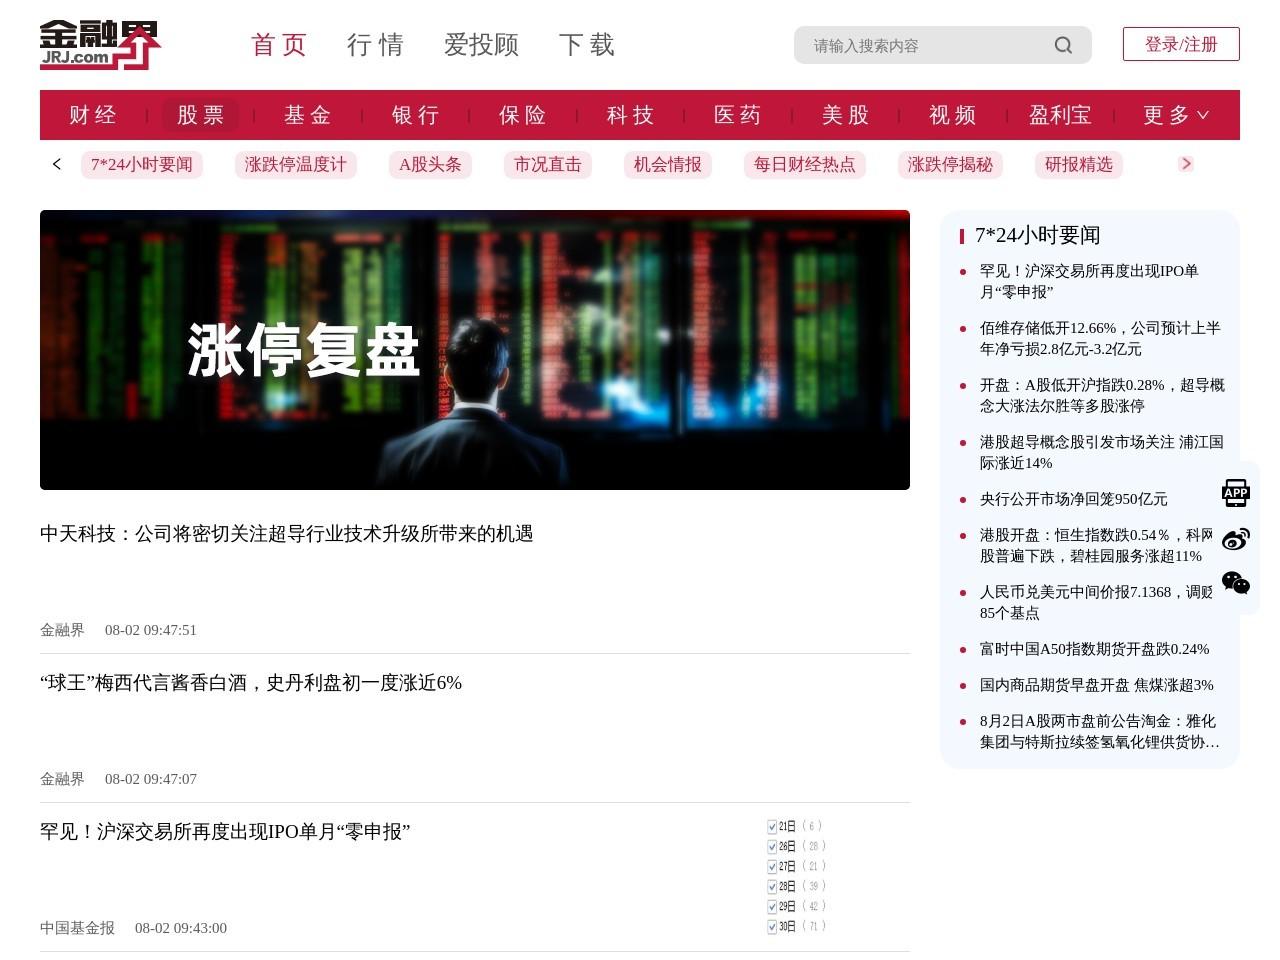 热度选股_股票频道-金融界